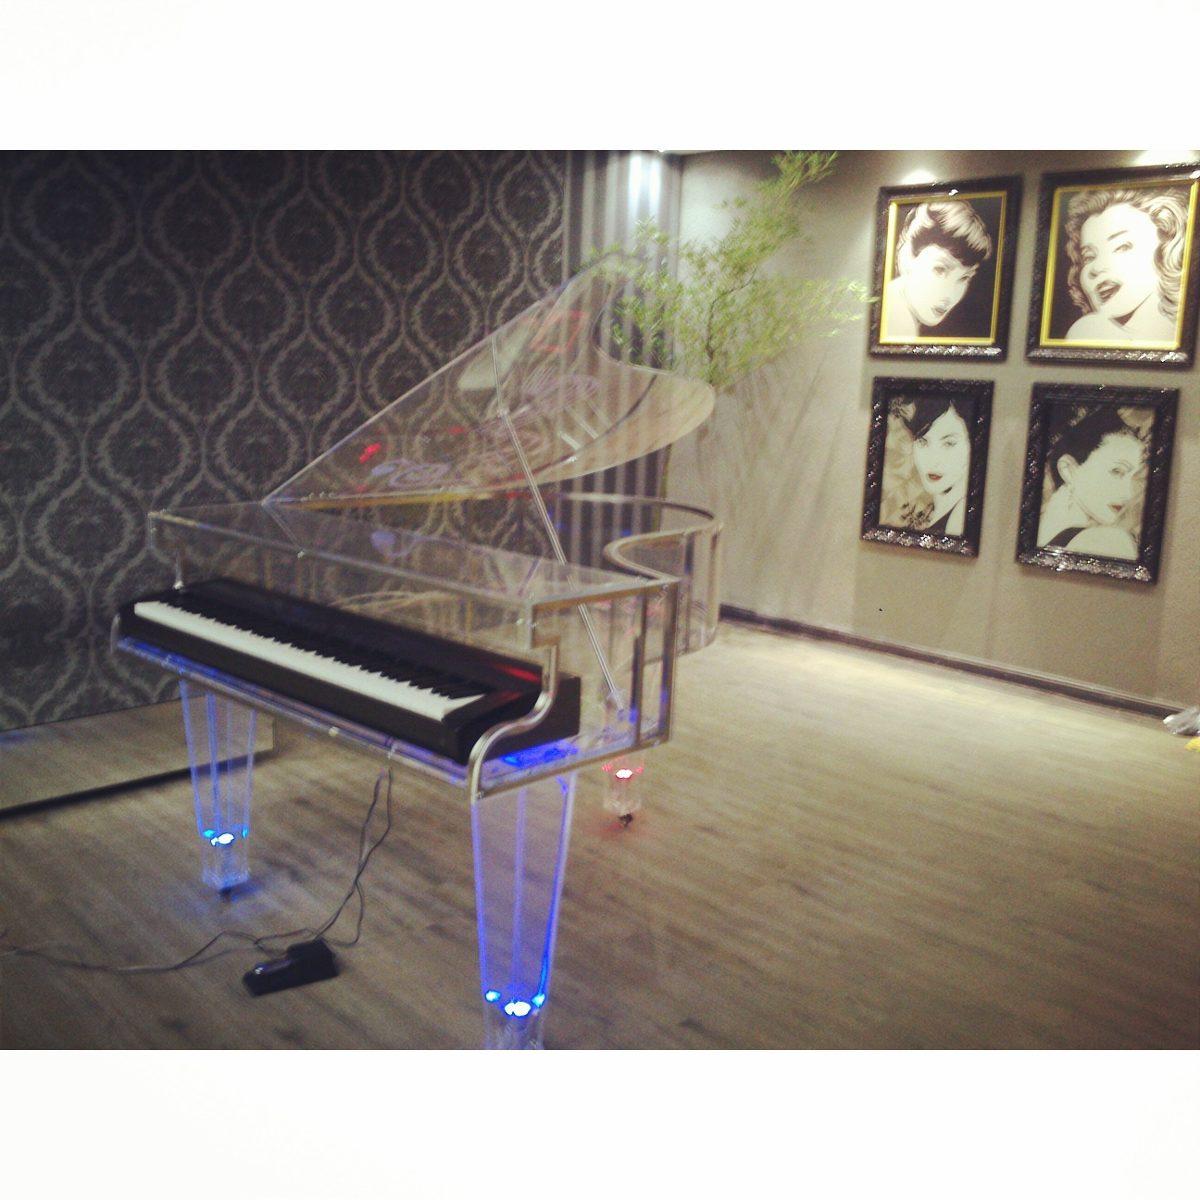 corpo de piano 1 4 de cauda em acr lico radra acr licos r em mercado livre. Black Bedroom Furniture Sets. Home Design Ideas